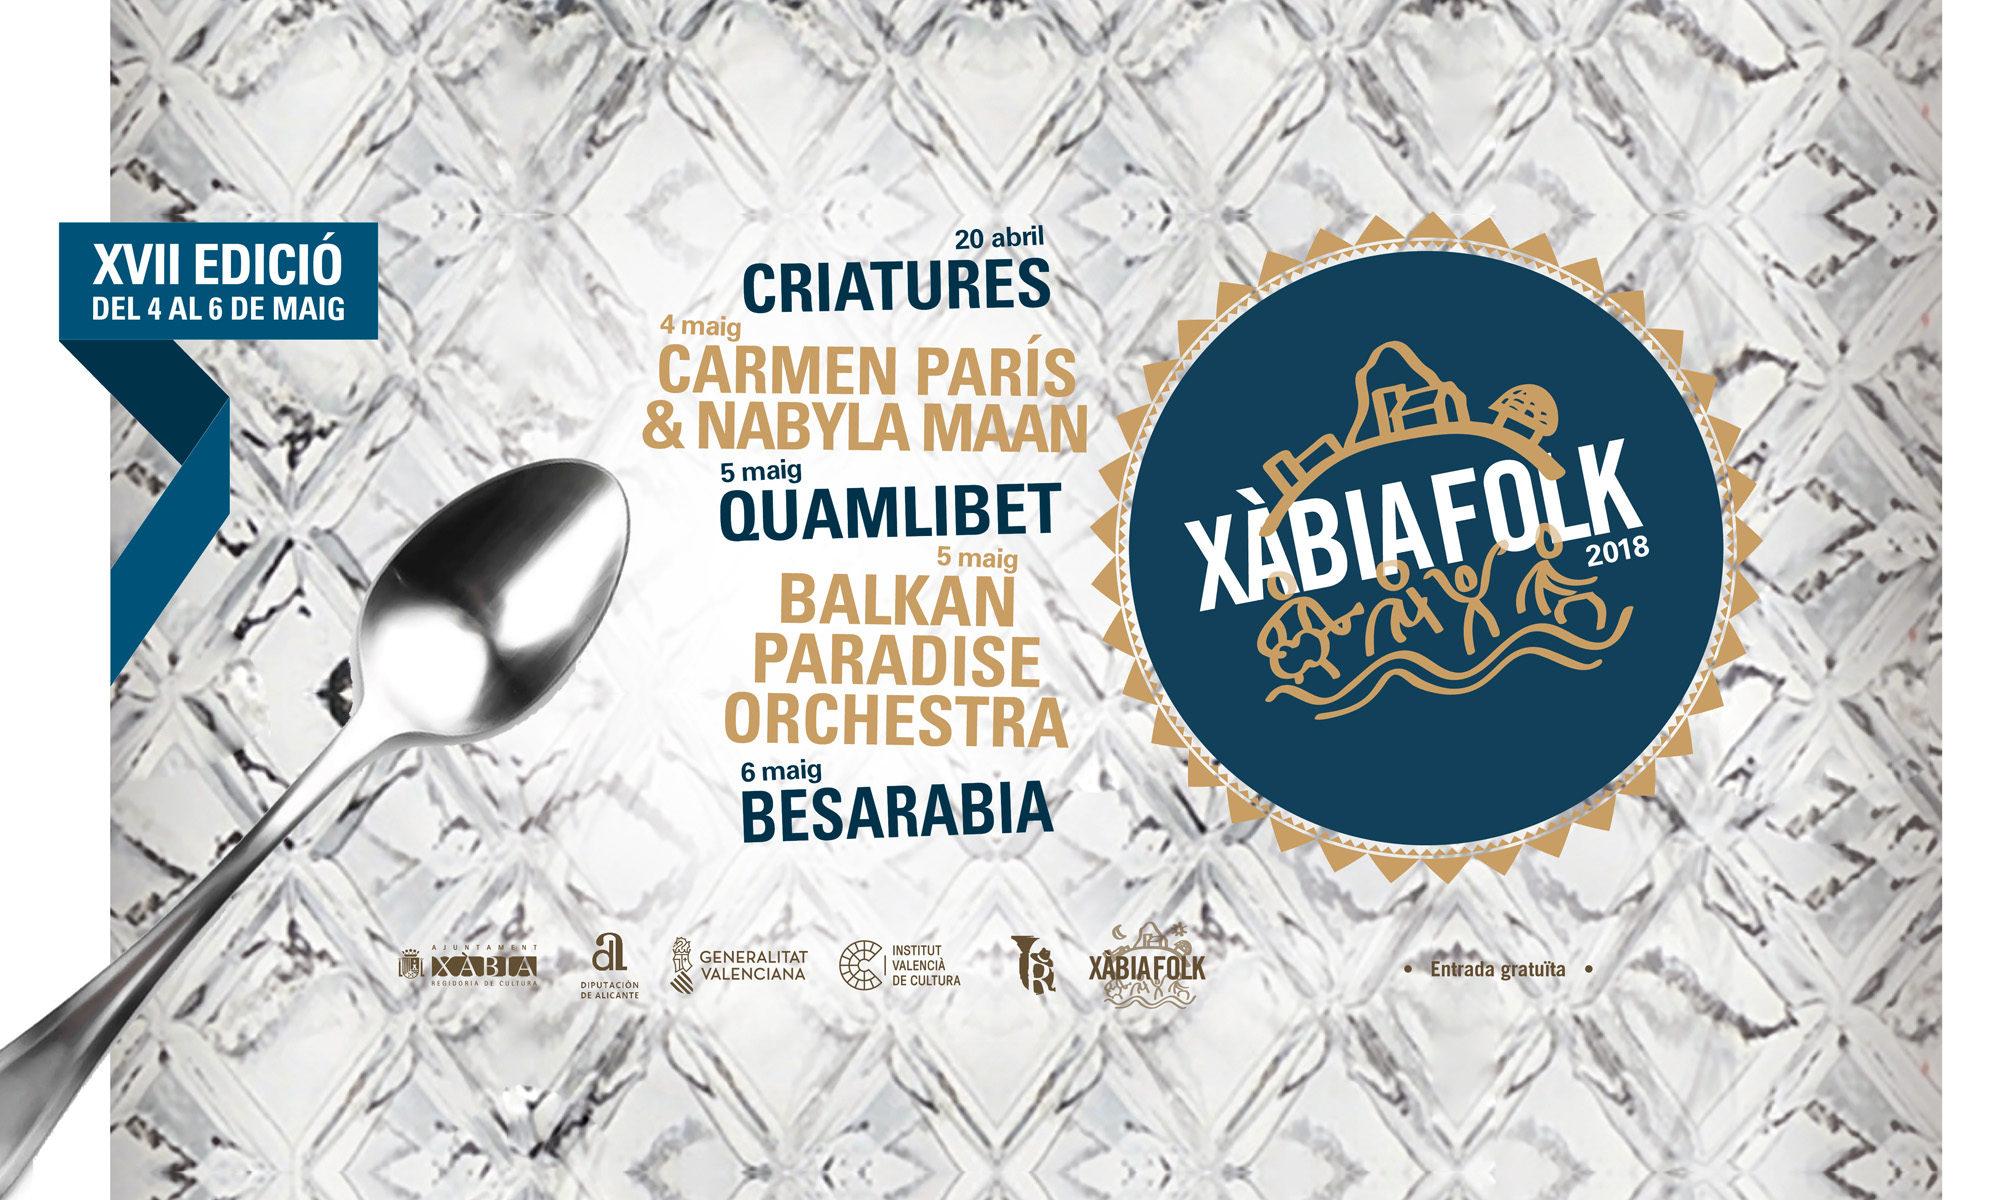 Xàbia Folk 2018